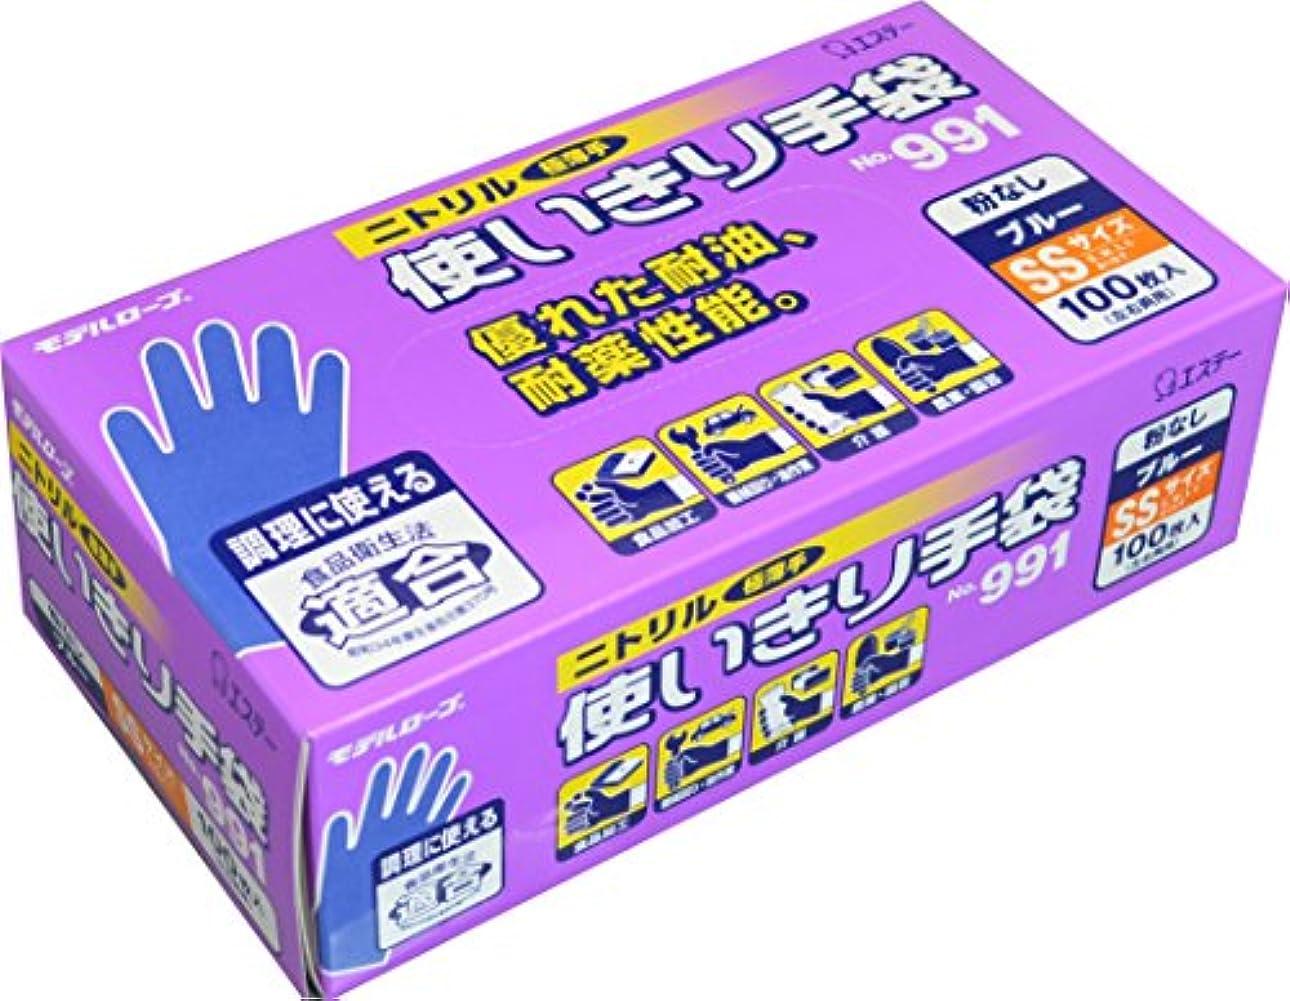 ポーク最も遠い神経障害モデルローブ NO991 ニトリル使い切り手袋 100枚 ブルー SS